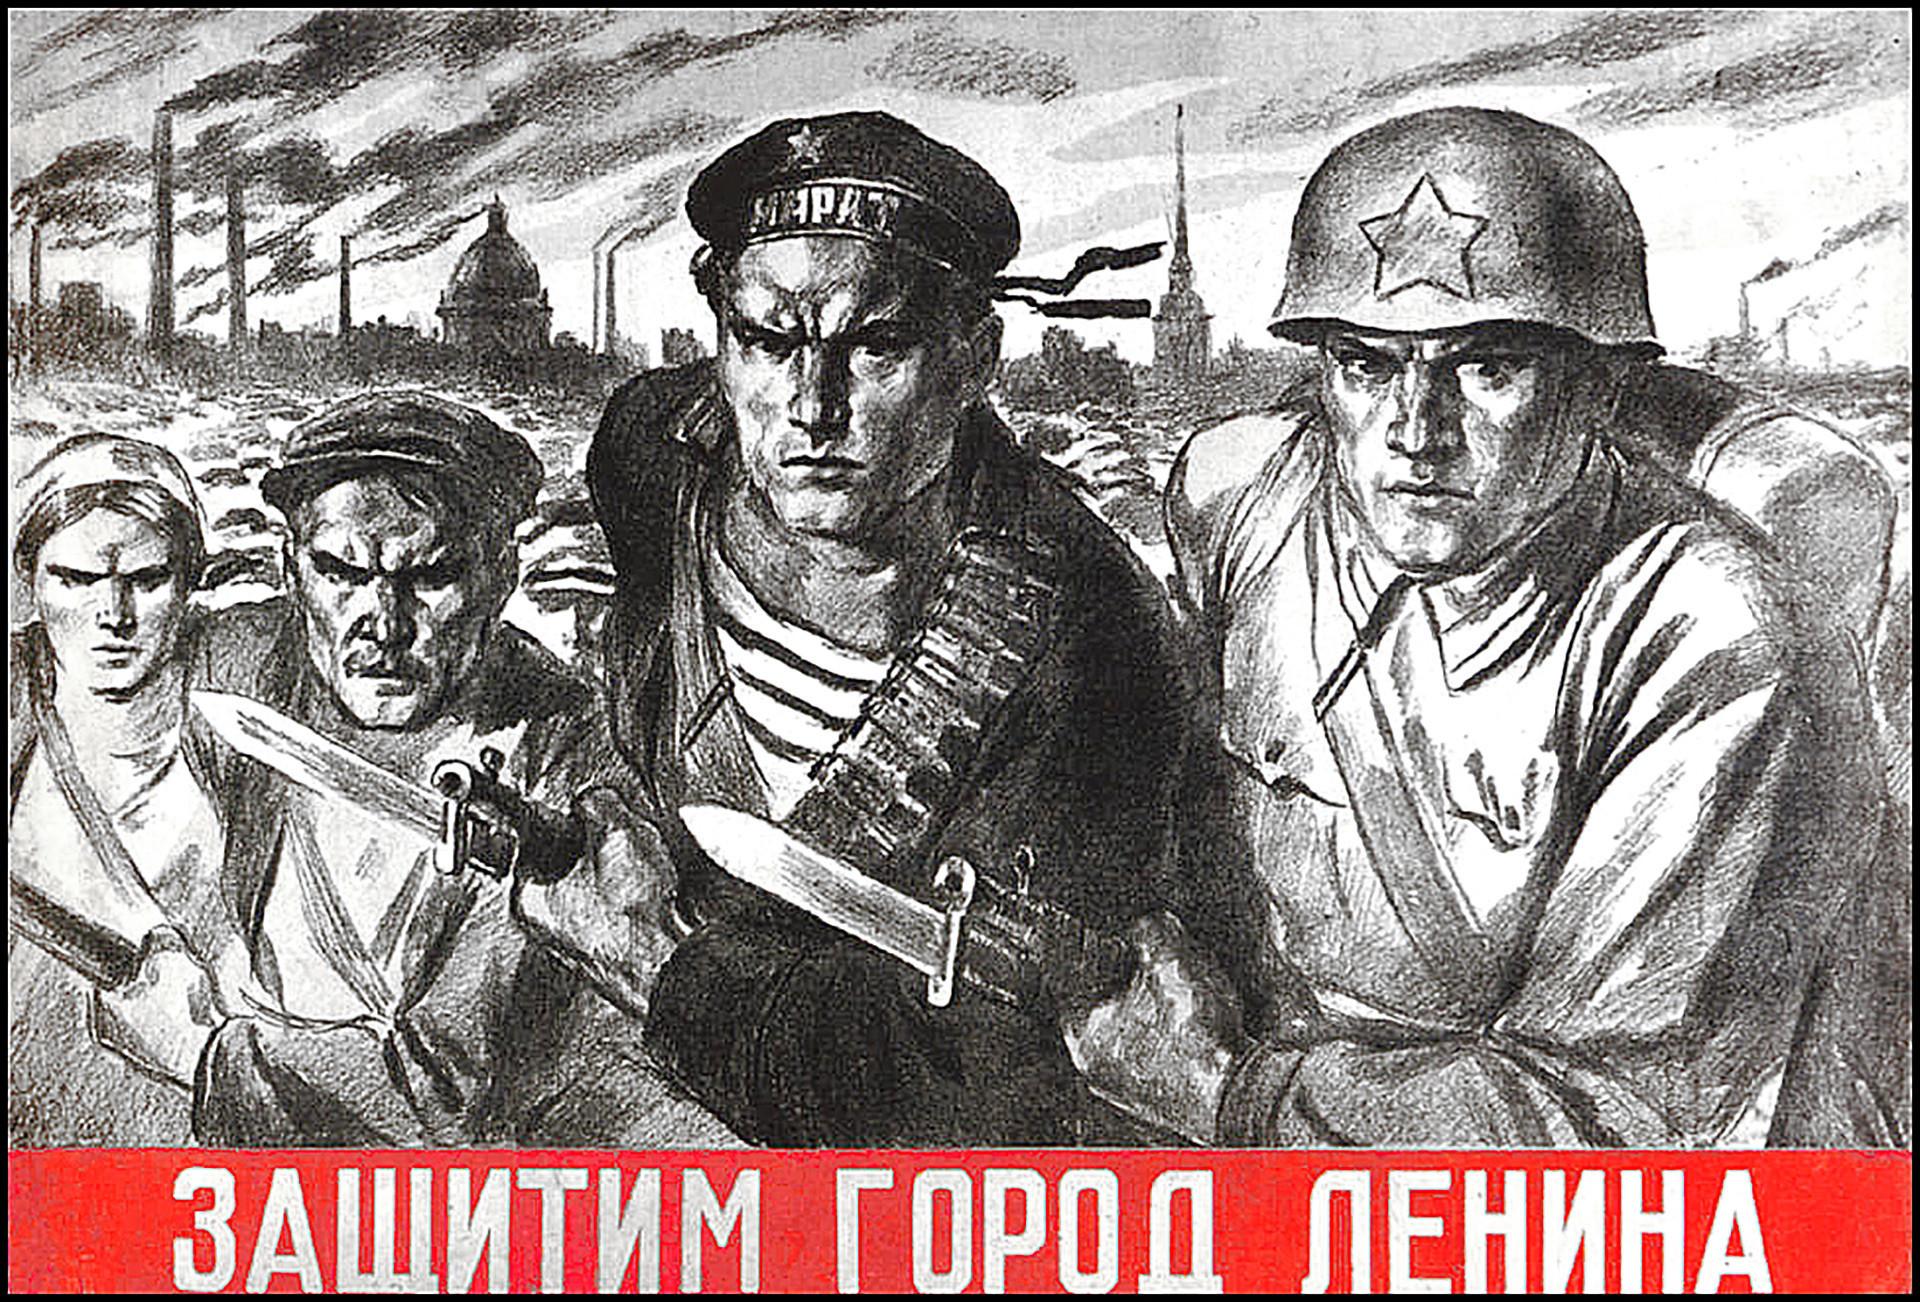 « Nous défendrons la ville de Lénine ! » [Léningrad : appellation soviétique de la ville de Saint-Pétersbourg]